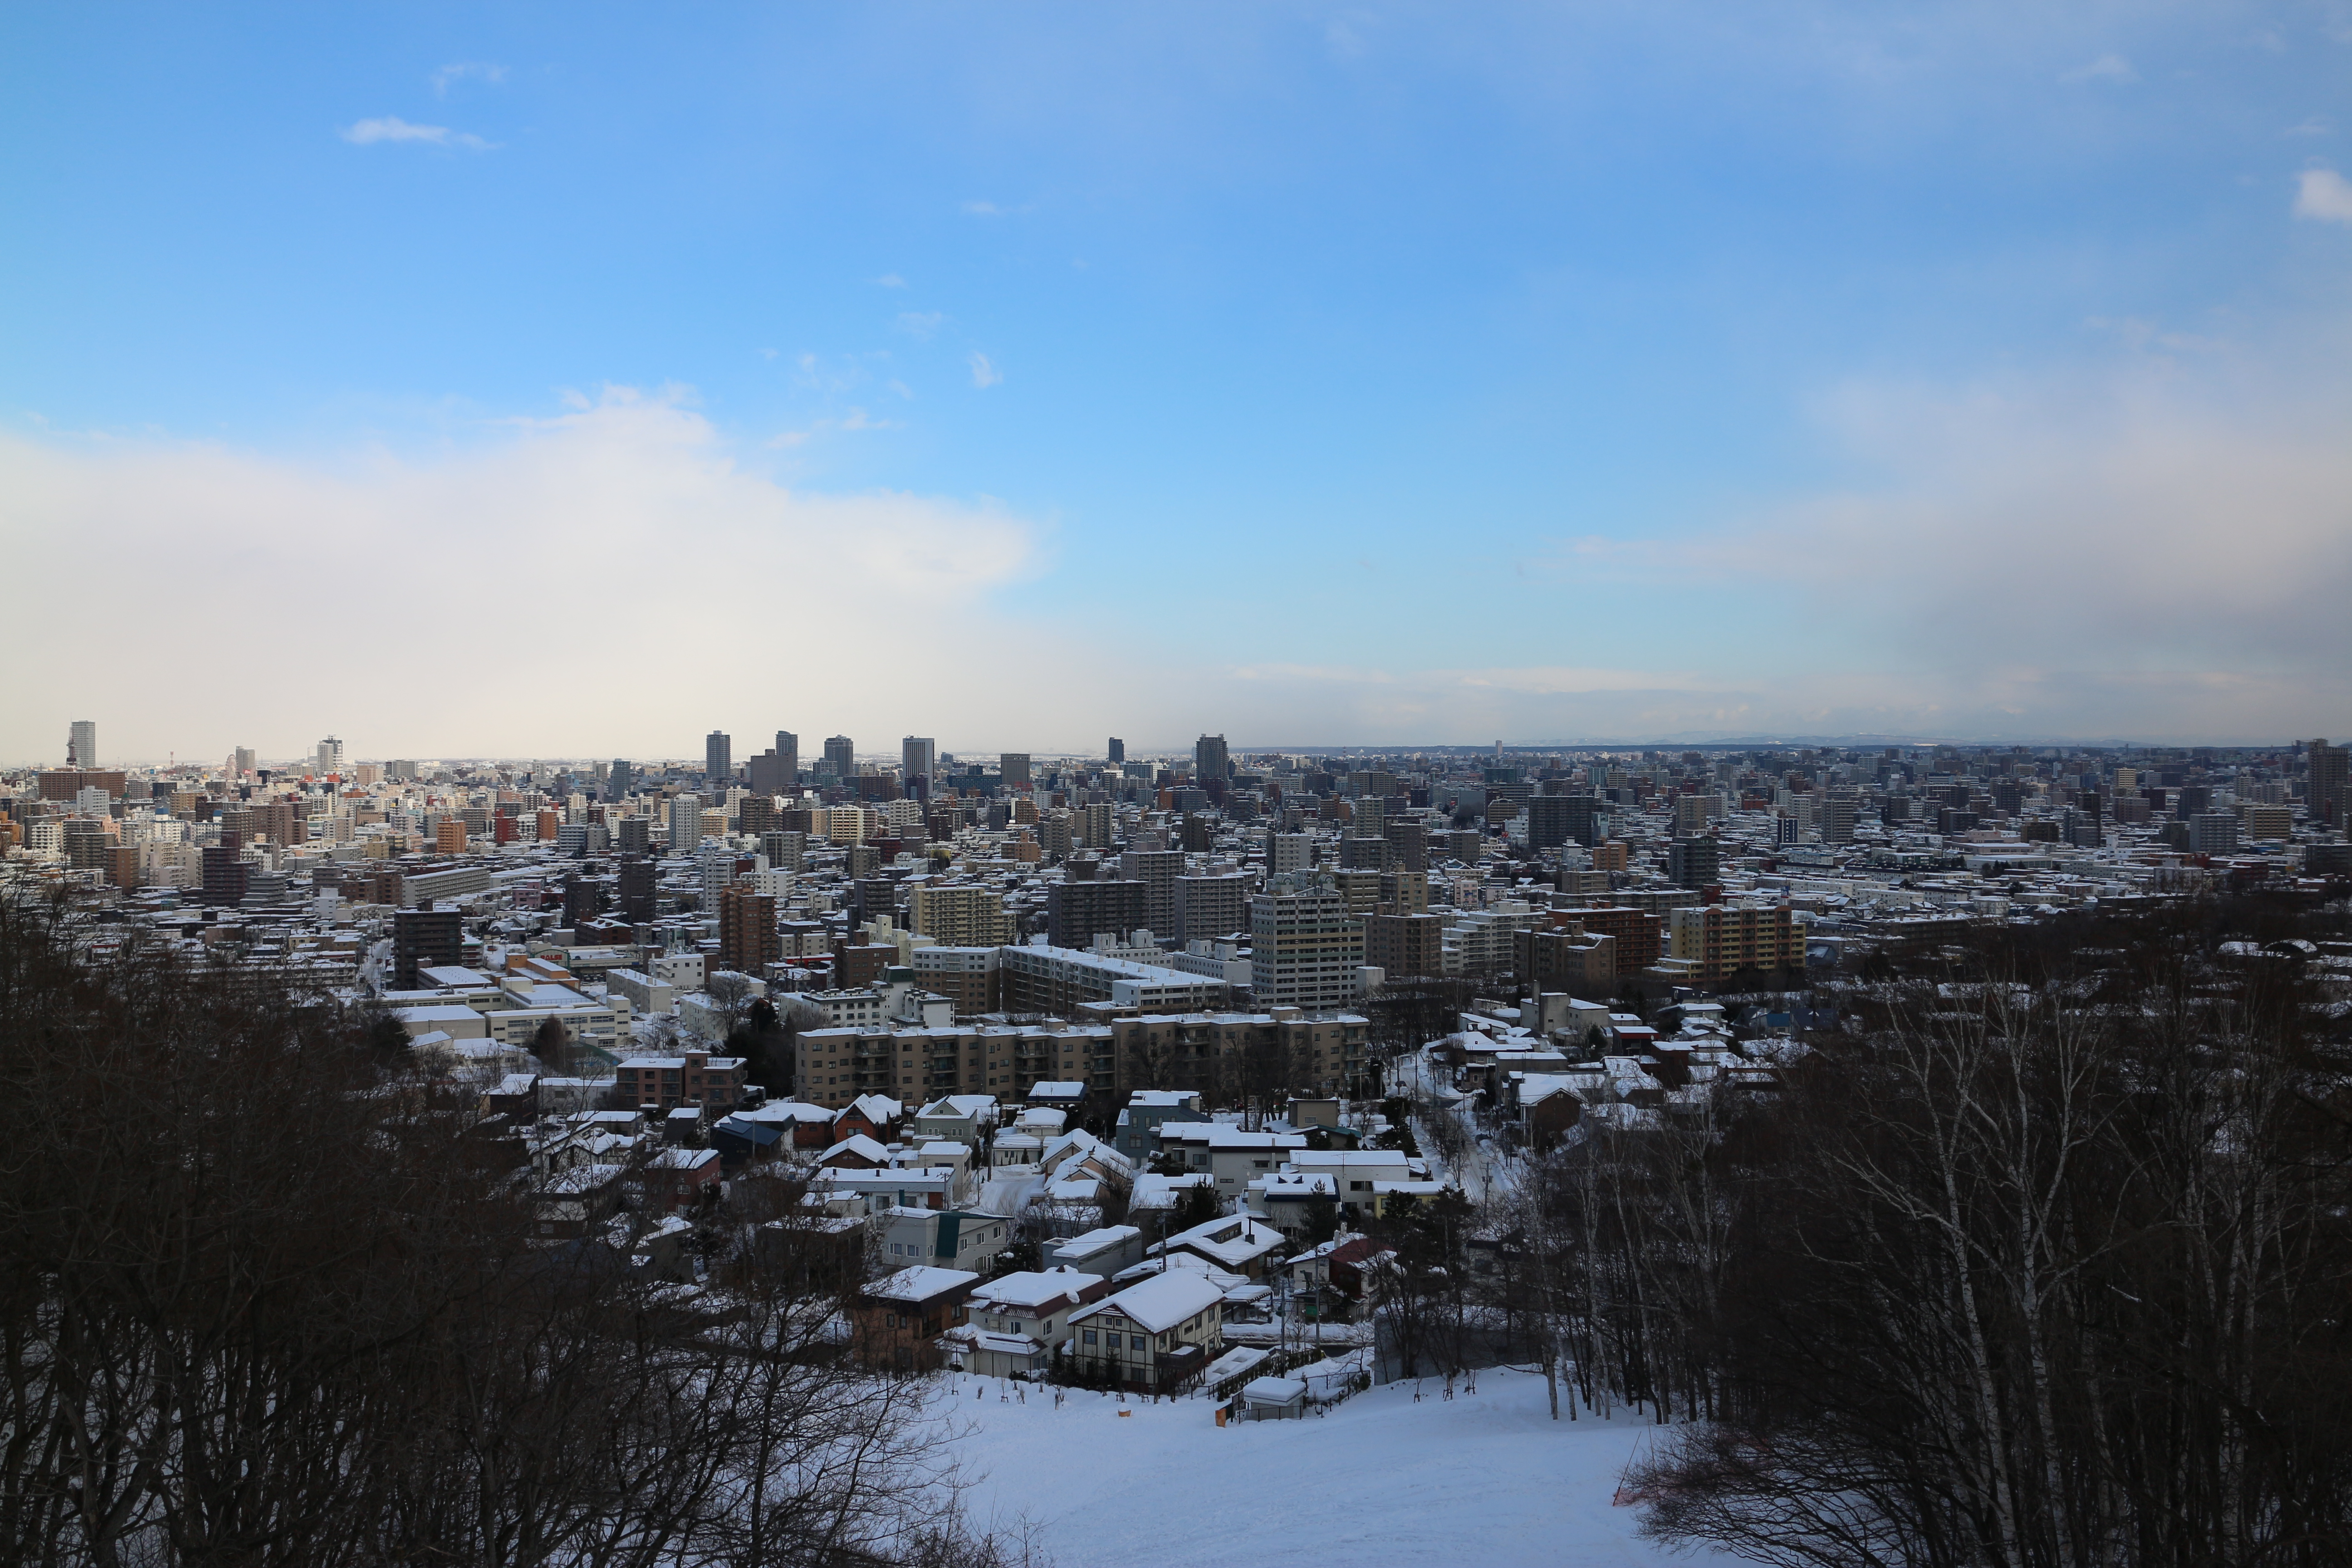 旭山記念公園の展望広場からの市街地。左手奥のほうはたぶん雪が降ってる。EOS M / EF-M 18-55mm F3.5-5.6 IS STM / 5,184×3,456 / 1/800秒 / F5.6 / 0EV / ISO100 / WB:オート / 22mm(35mm相当)